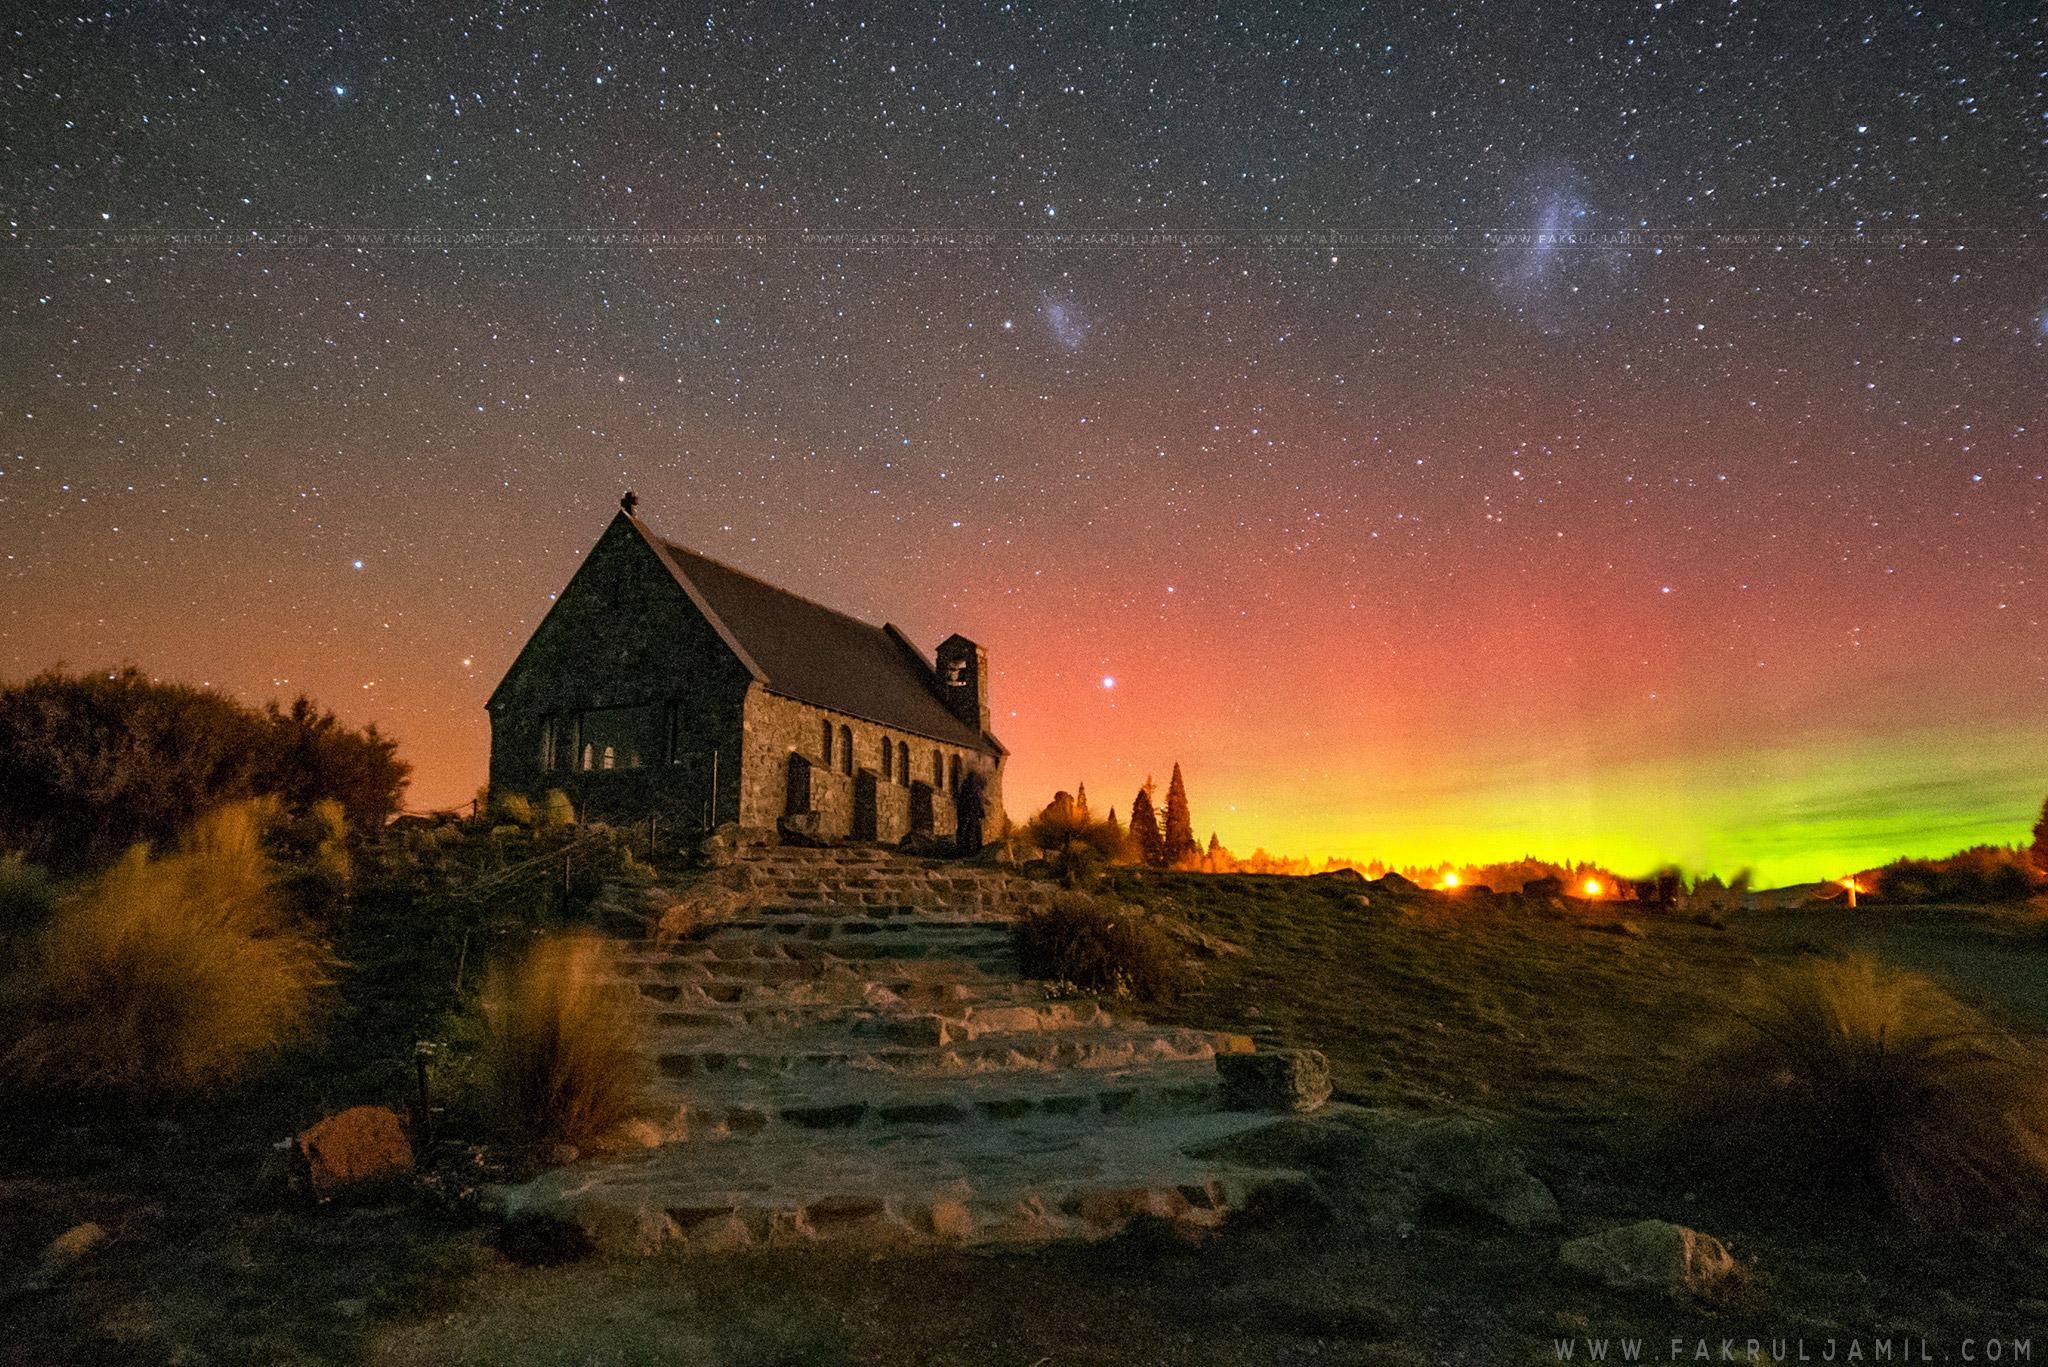 201504 - NZ_Aurora-A7s